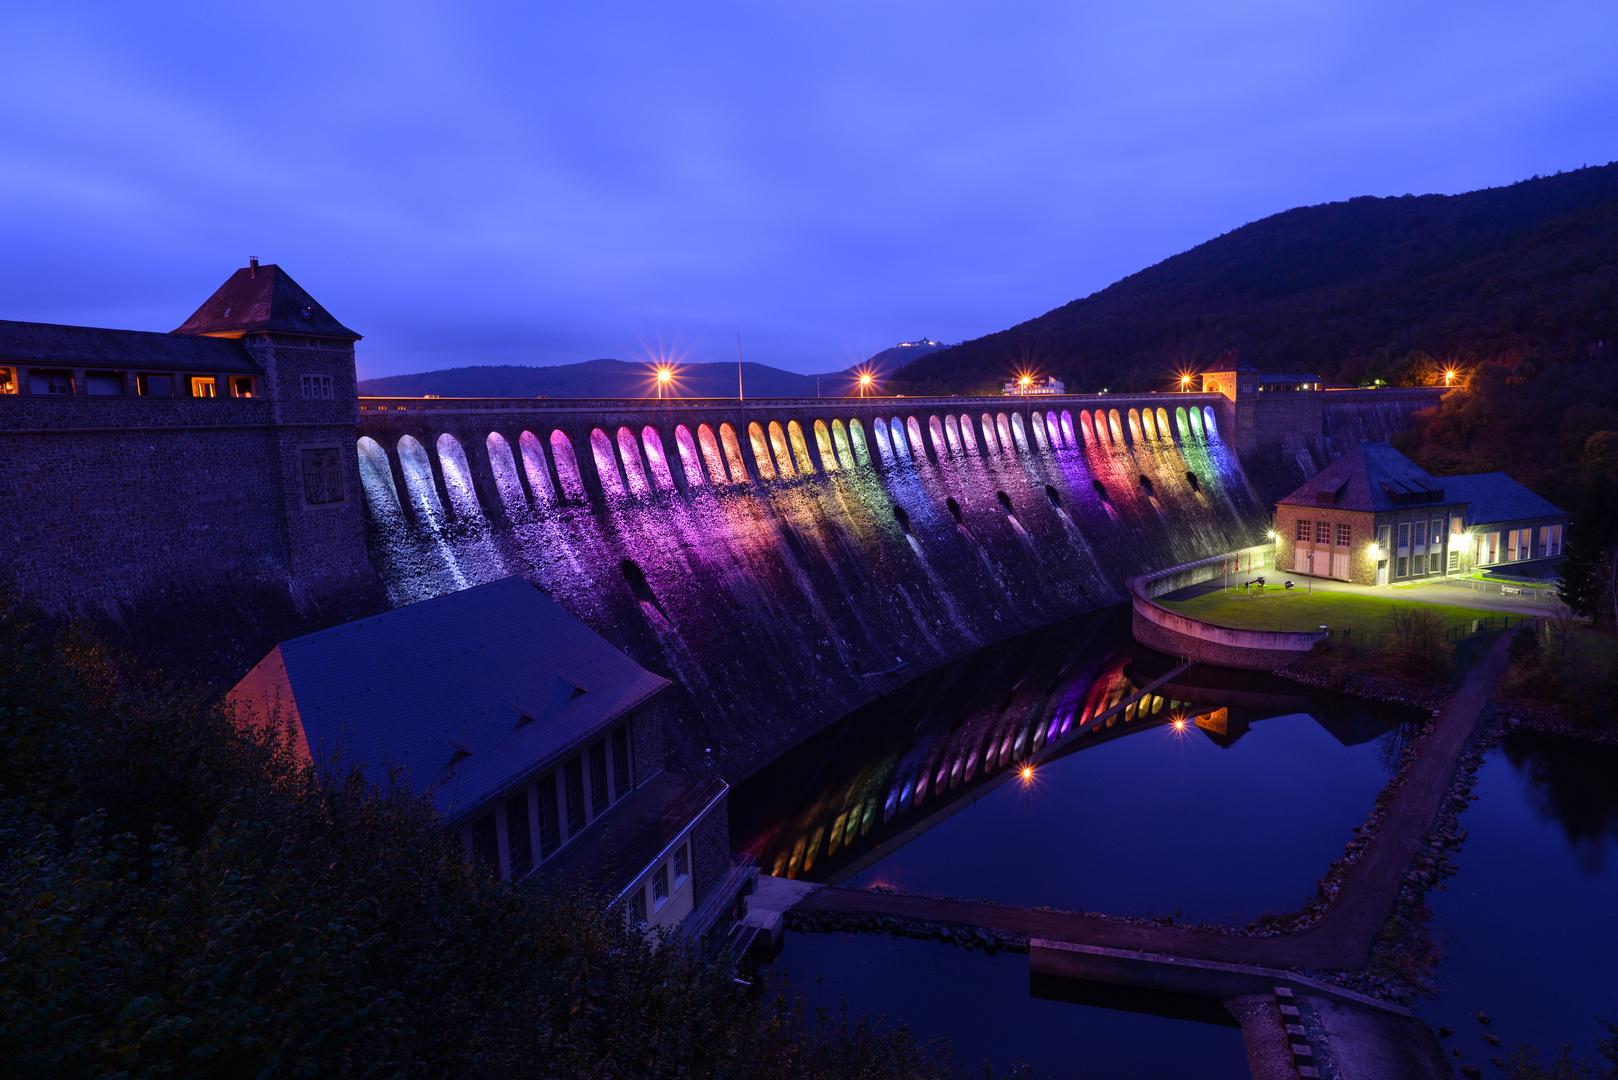 Staumauer mit Regenbogenfarben 2014